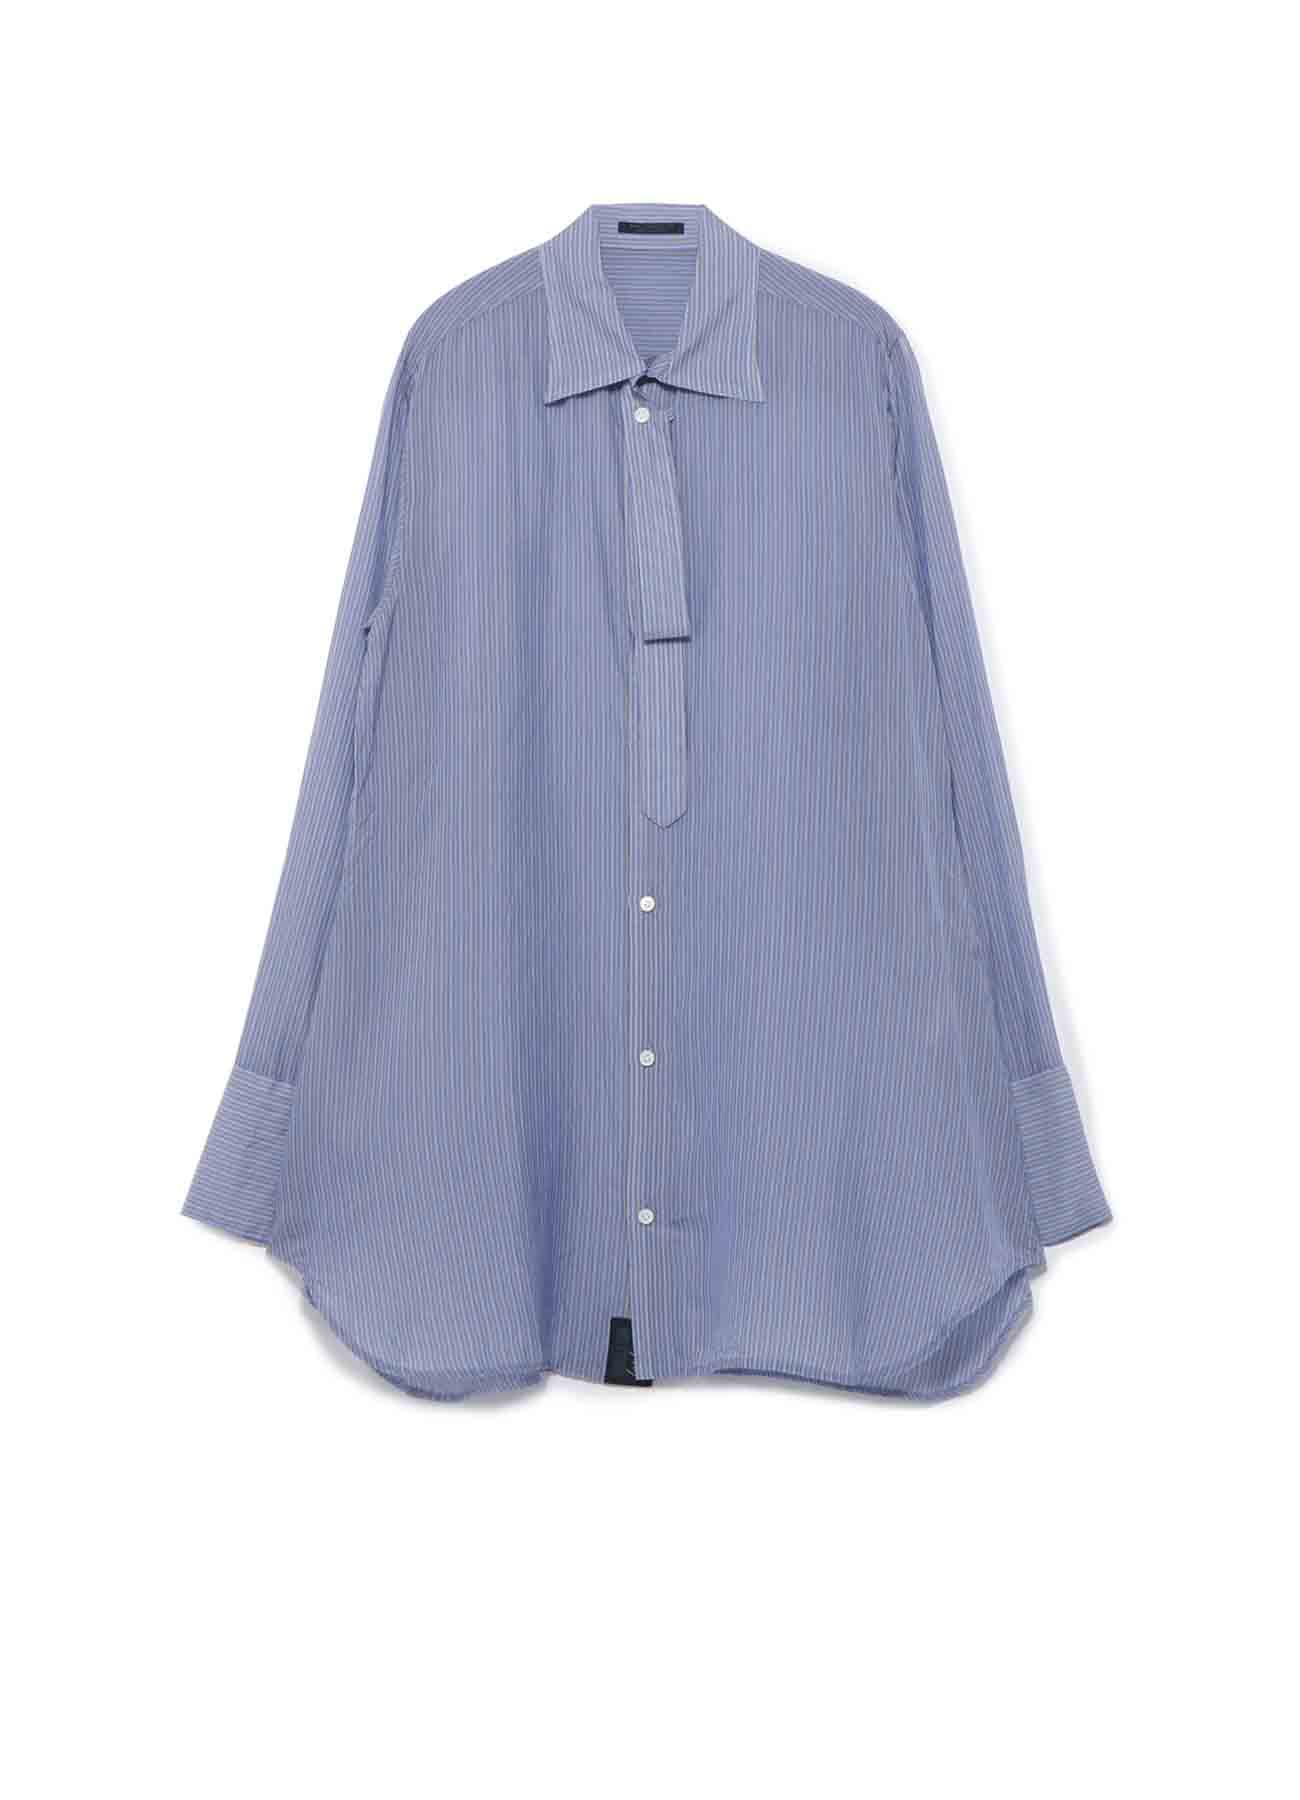 先染CuストライプR-ボウタイシャツ